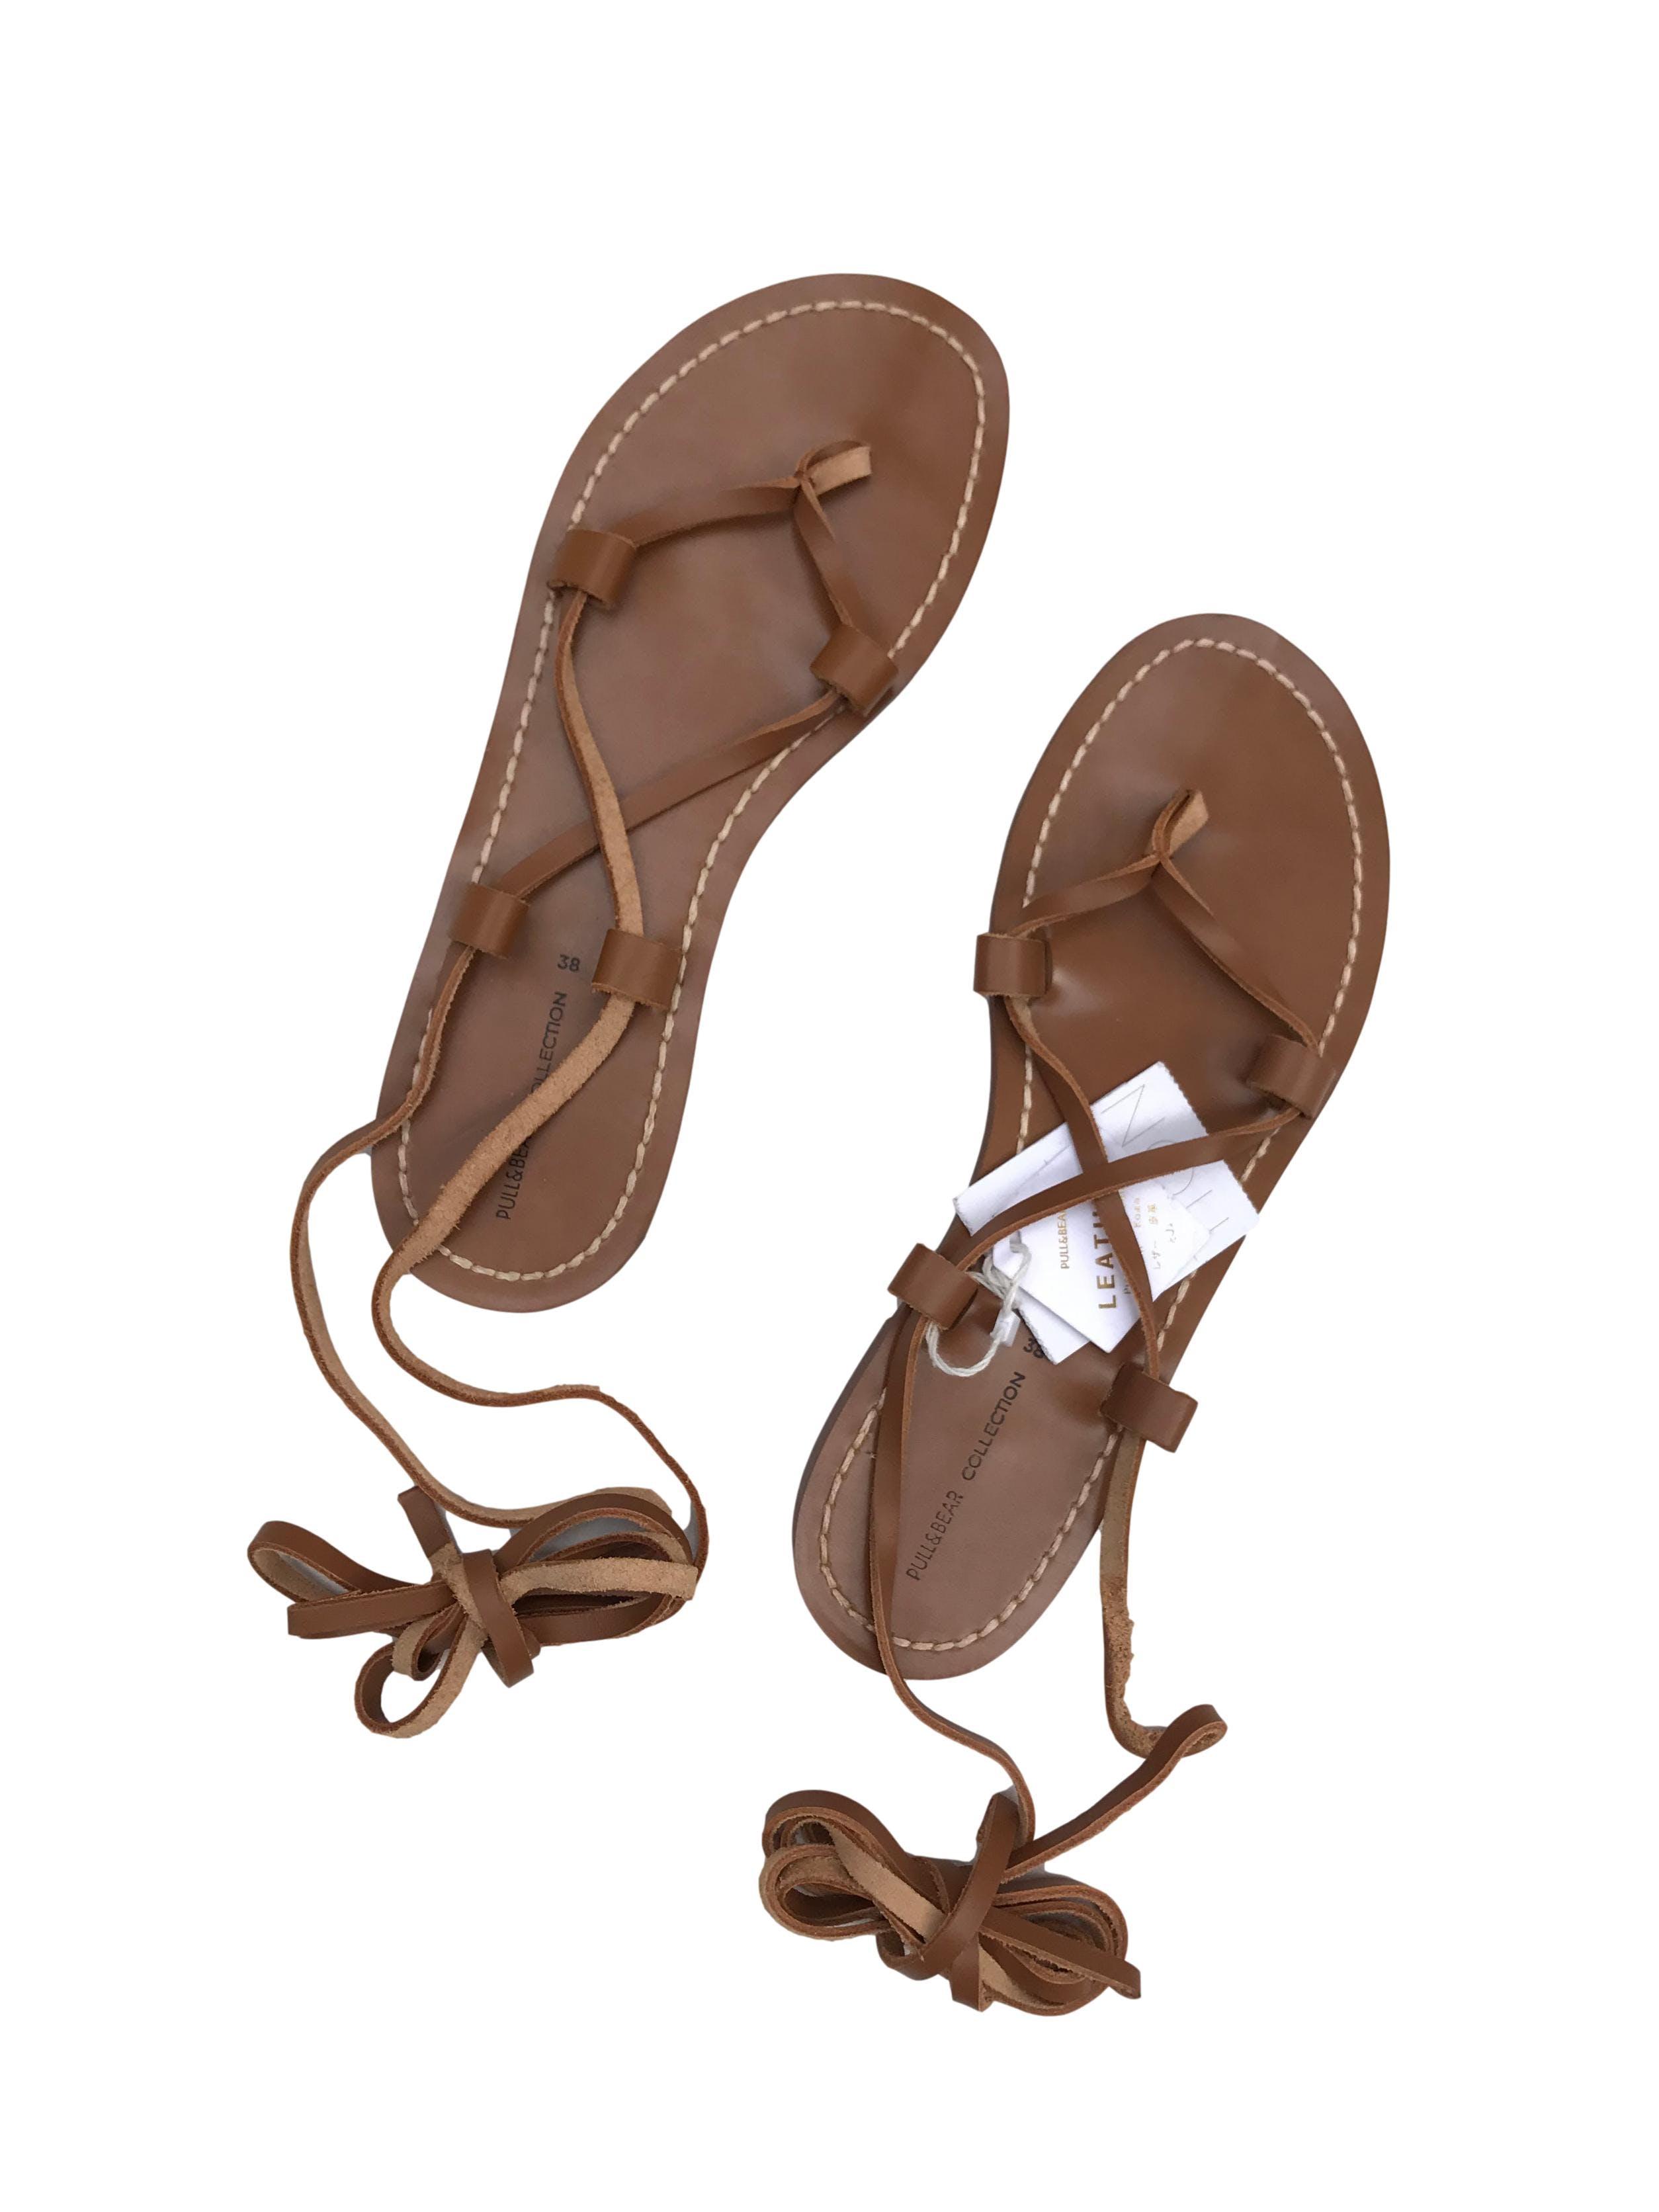 Sandalias Pull&bear gladiadoras de cuero caramel. Nuevas con etiqueta,vienen con funda, precio original S/129